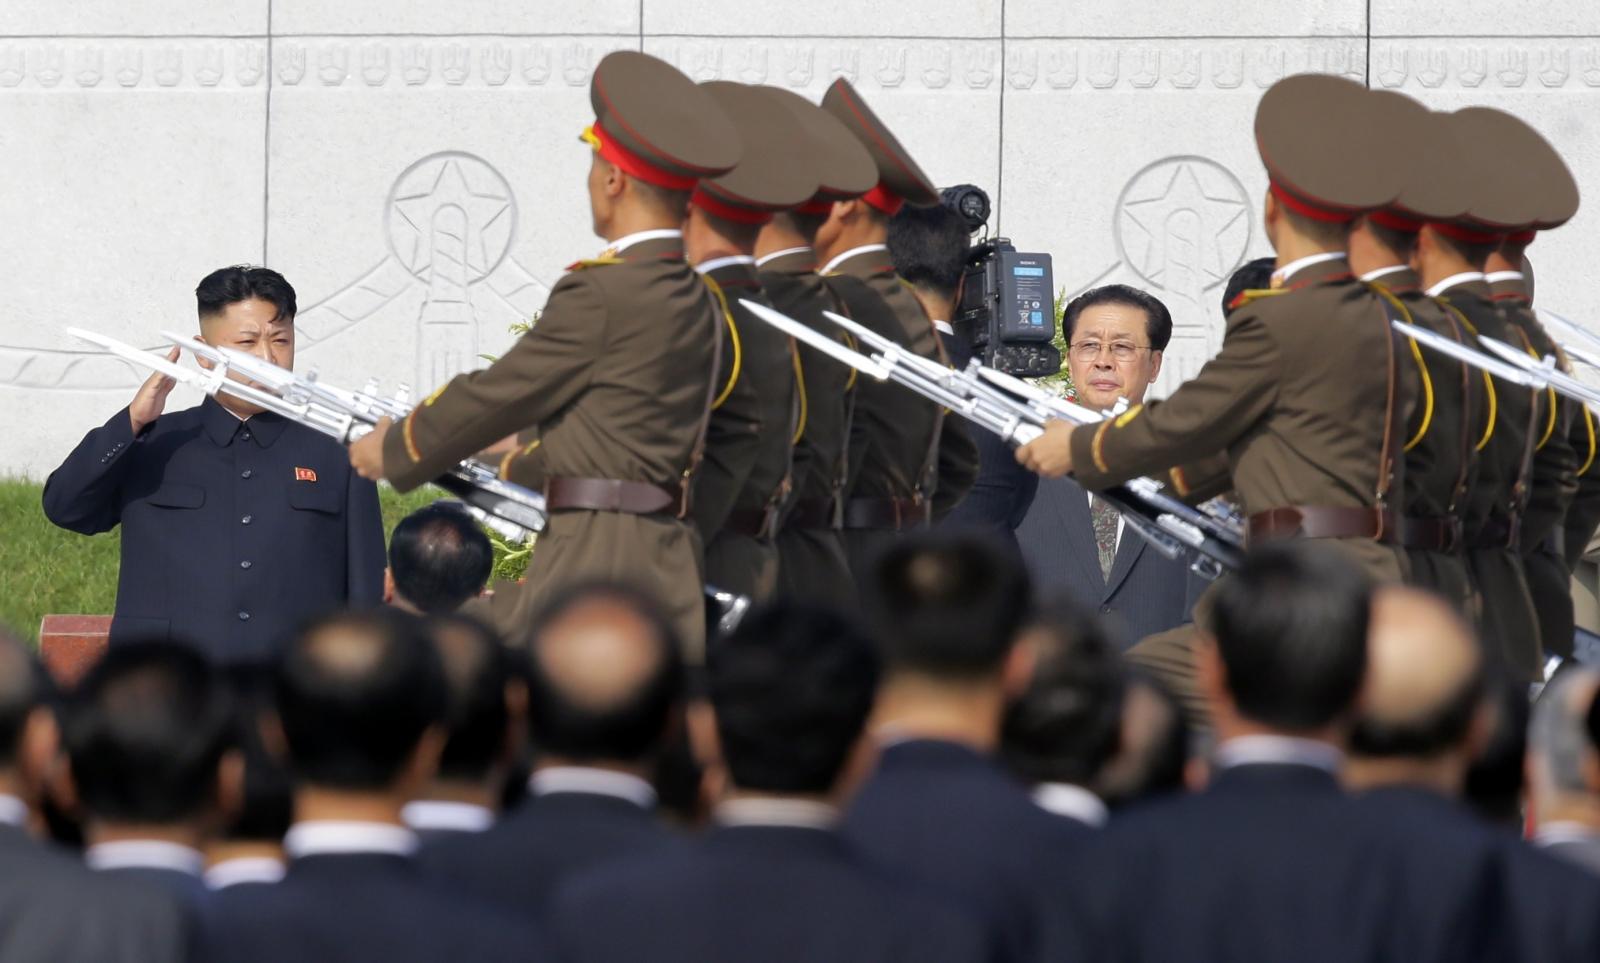 Jang Song-thaek north korean students missing Paris